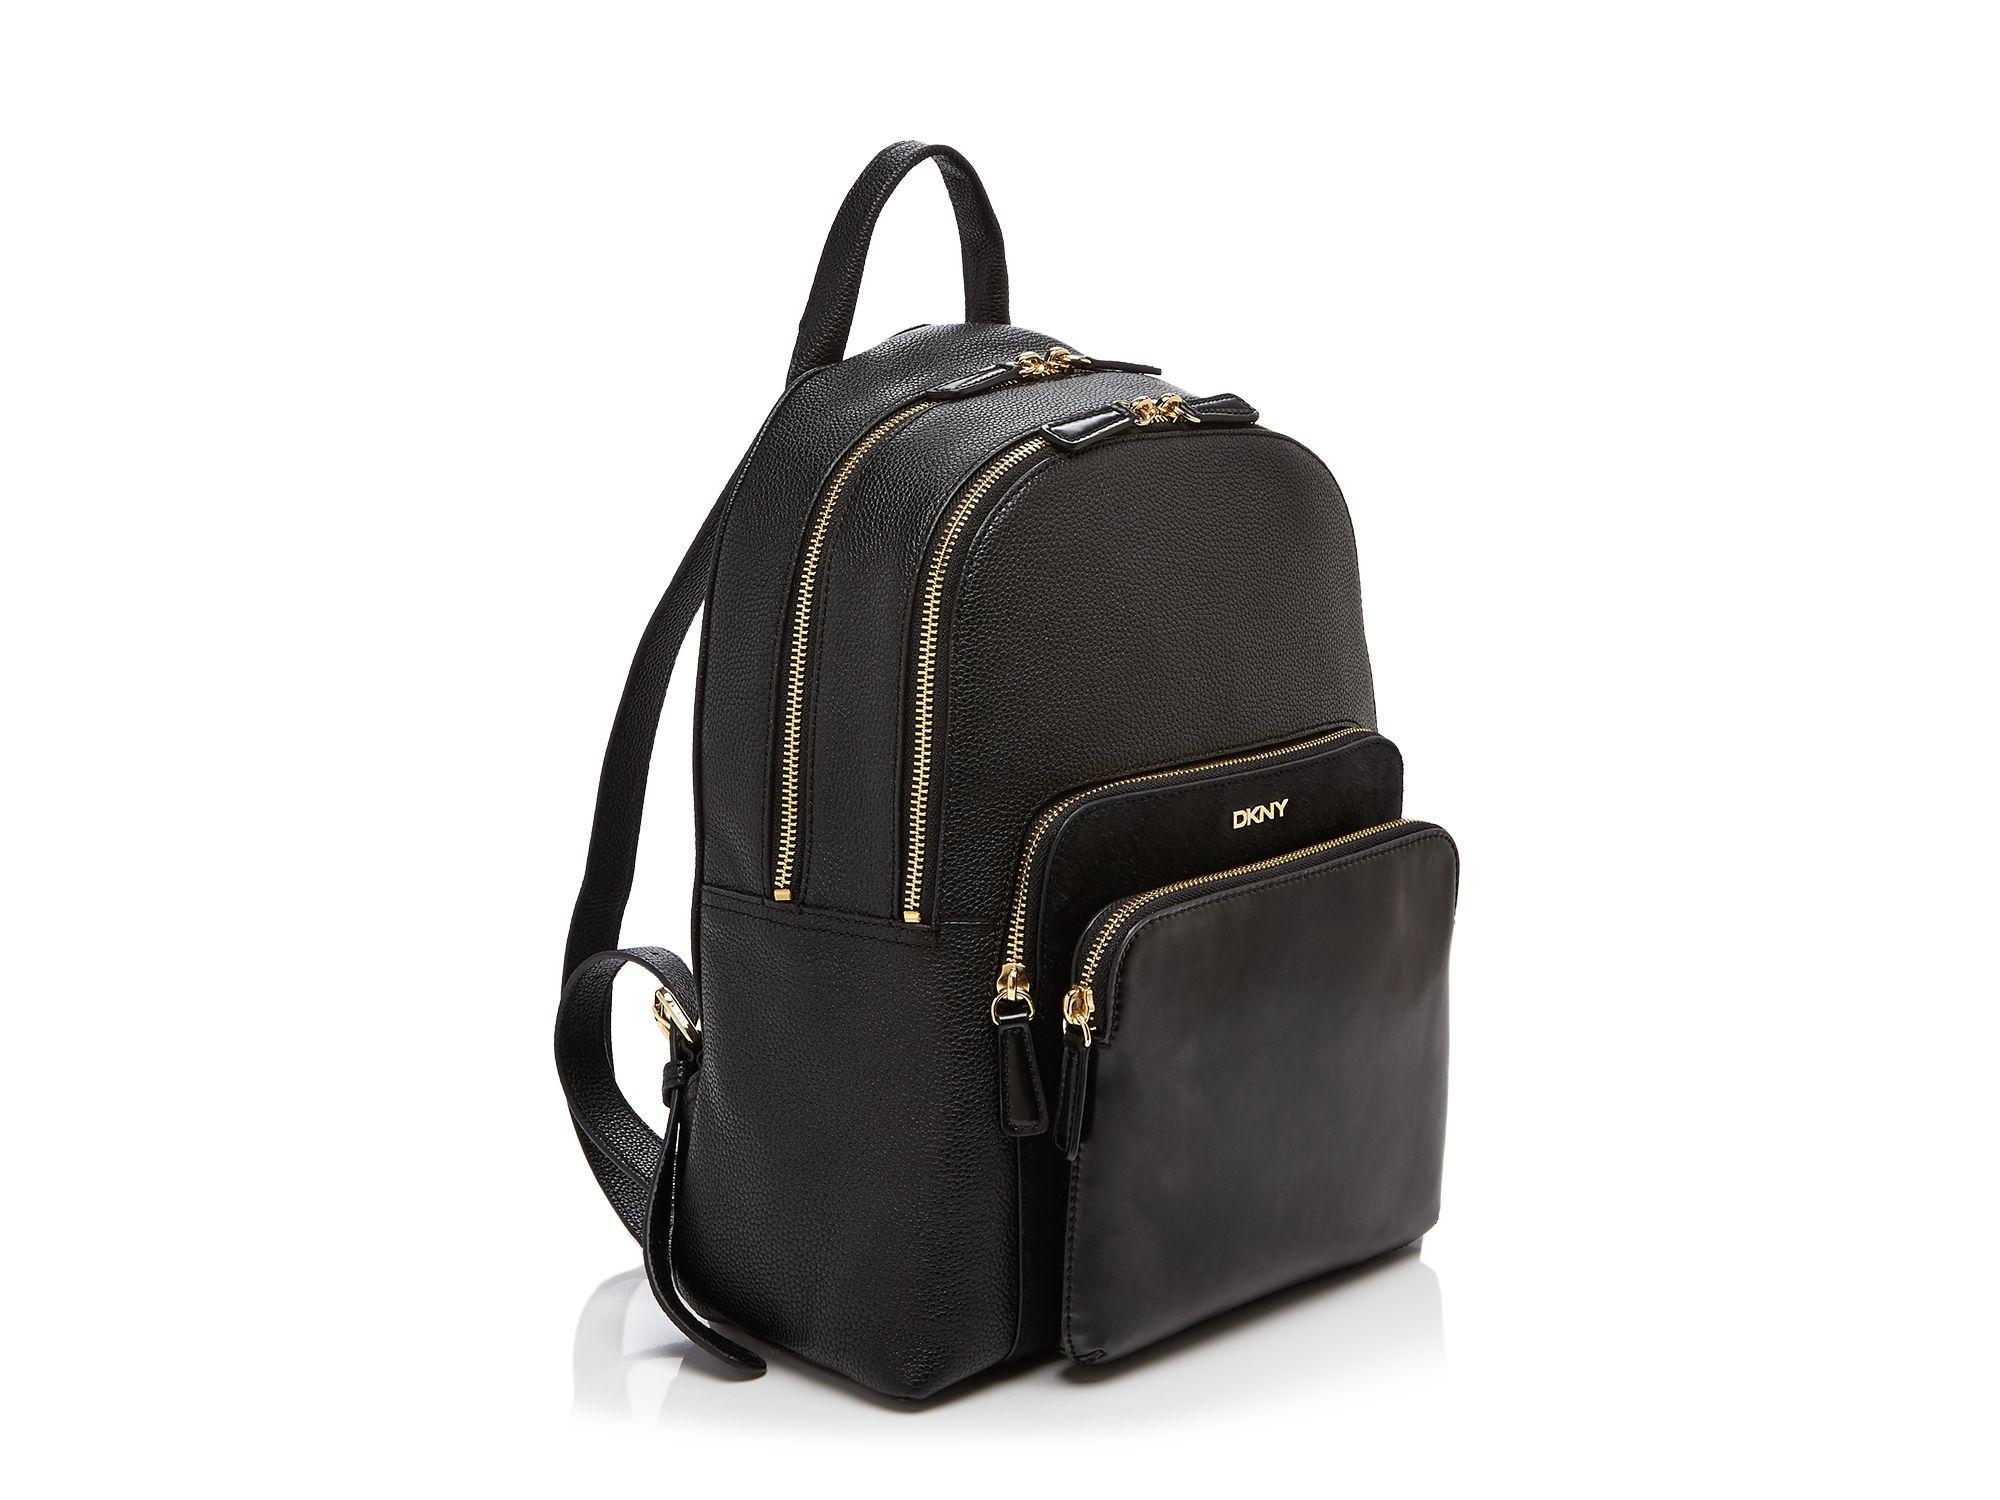 Dkny Chelsea Vintage Calf Hair Backpack in Black